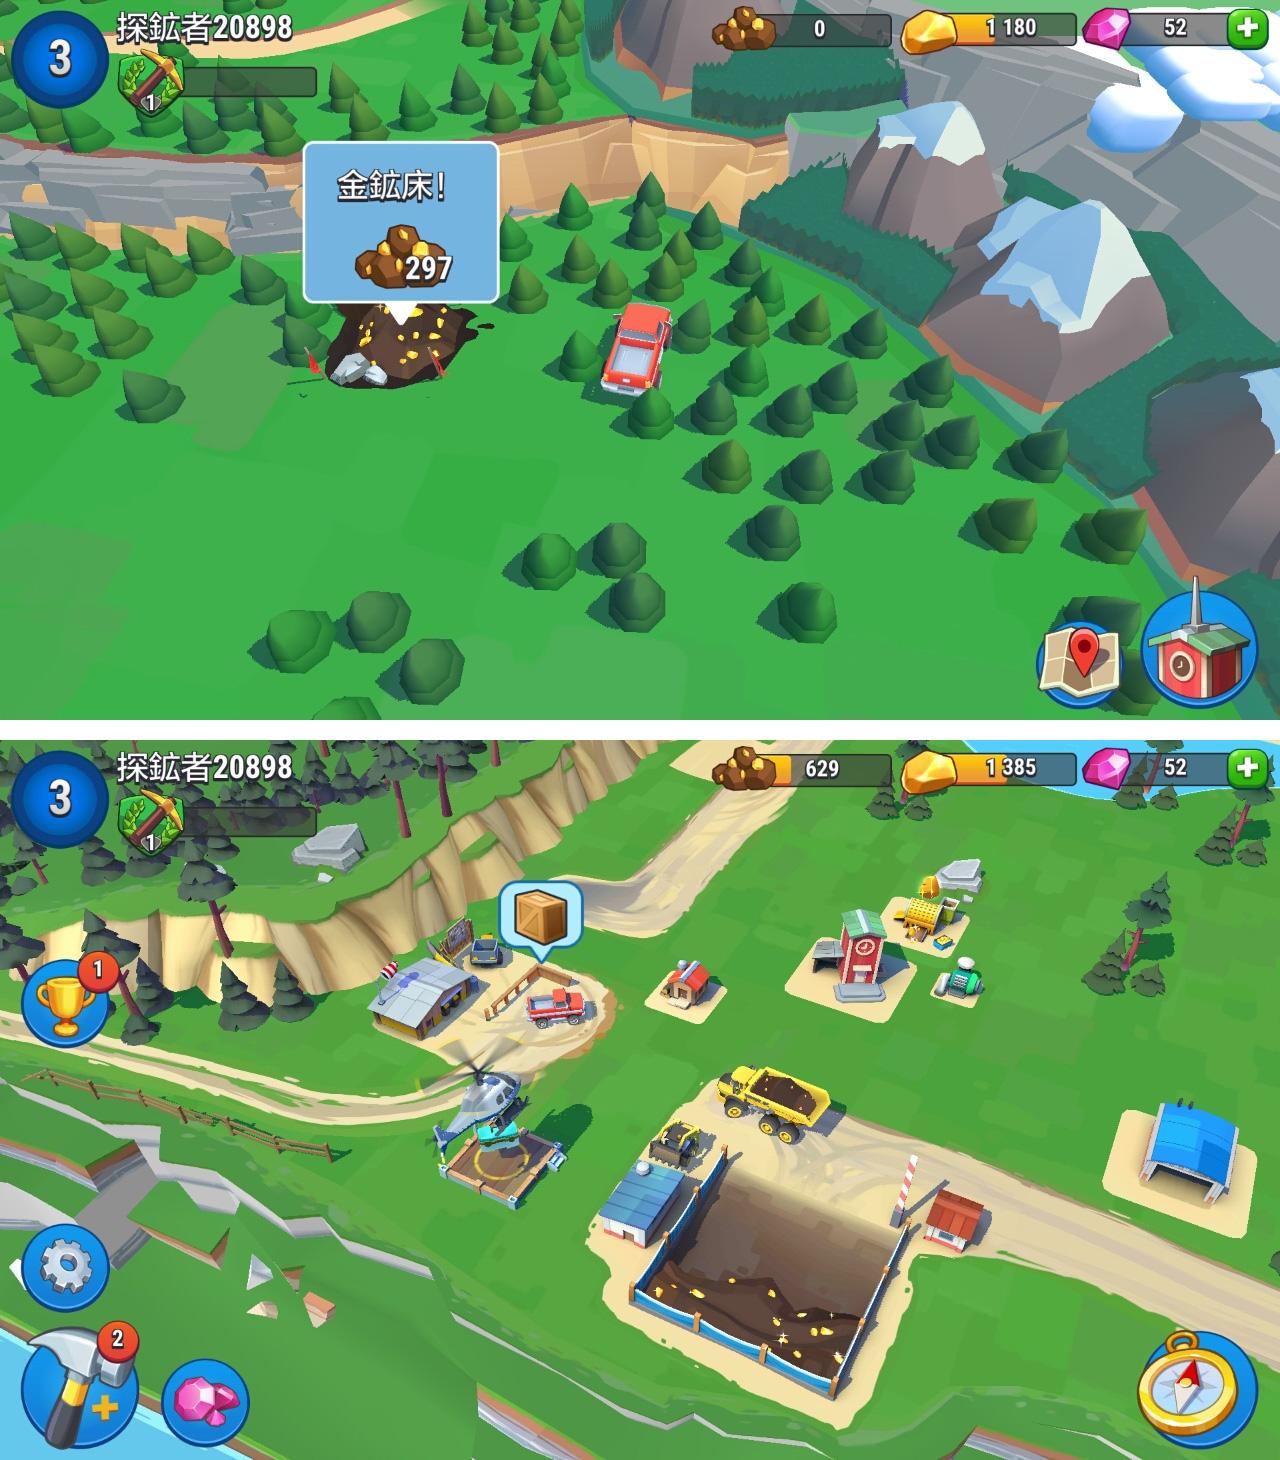 プラネットゴールドラッシュ(Planet Gold Rush) androidアプリスクリーンショット1